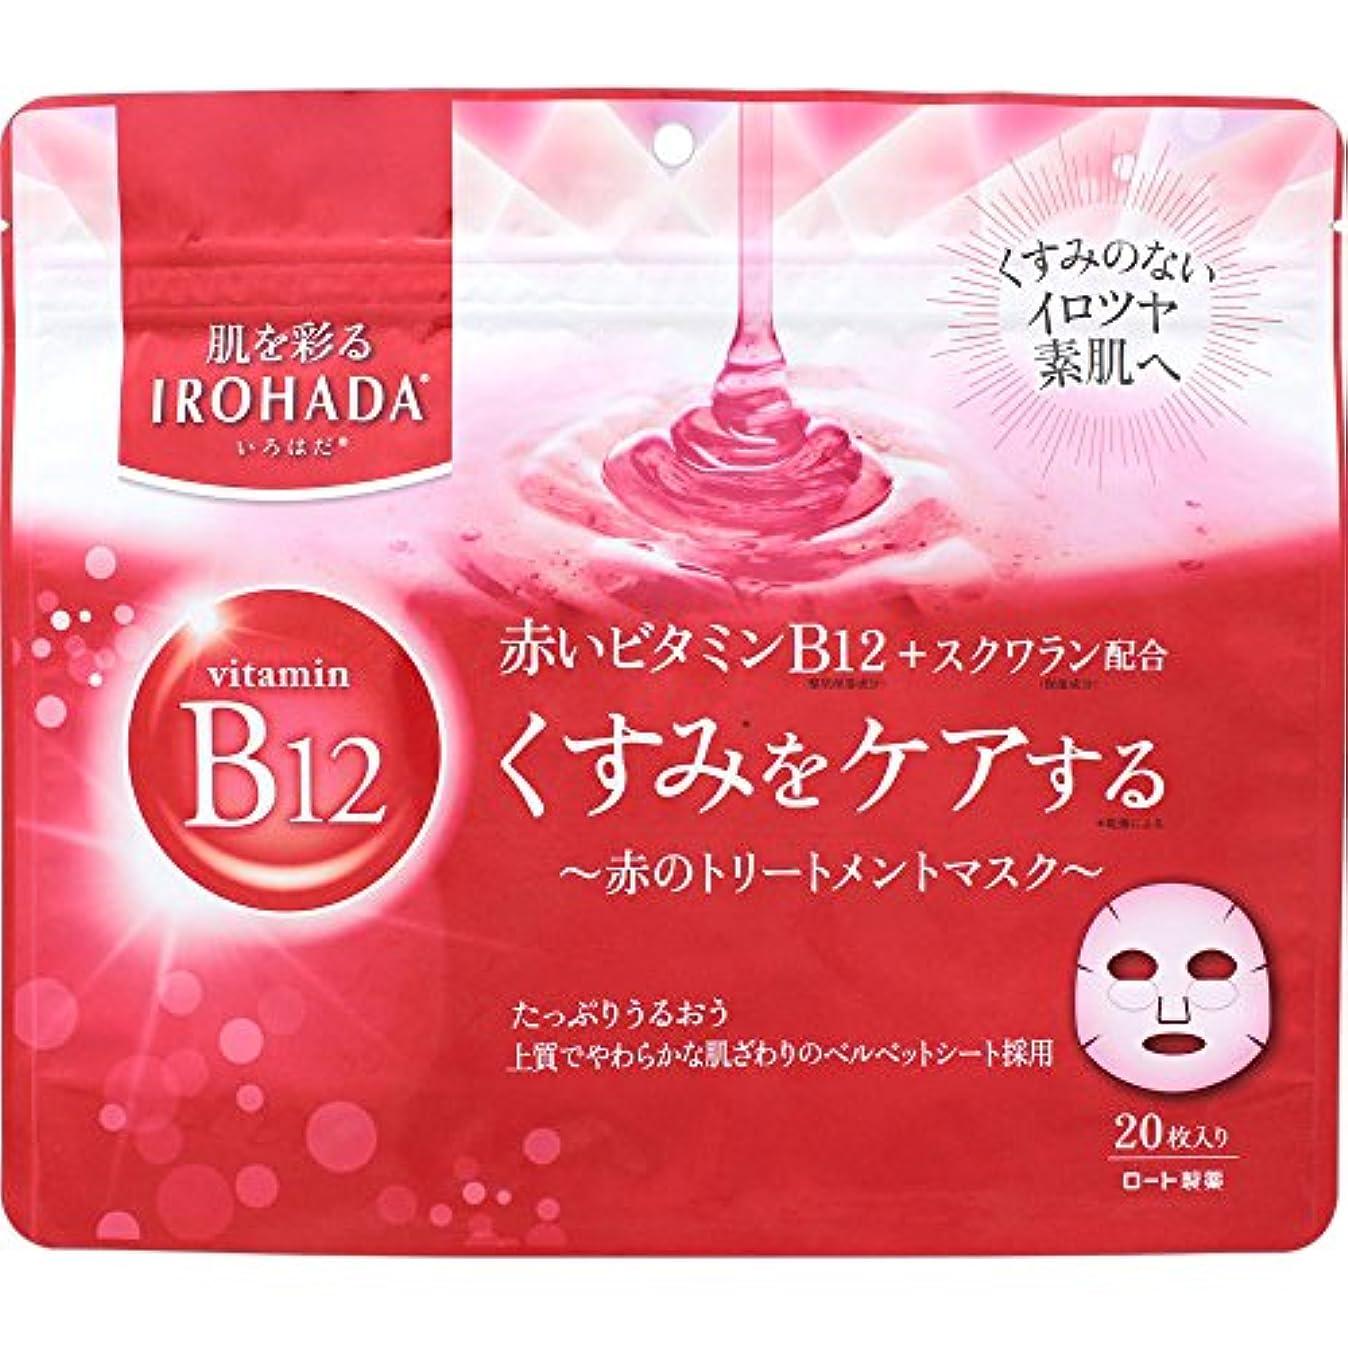 実業家トライアスロン厚いロート製薬 いろはだ (IROHADA) 赤いビタミンB12×スクワラン配合 トリートメントマスク 20枚入り